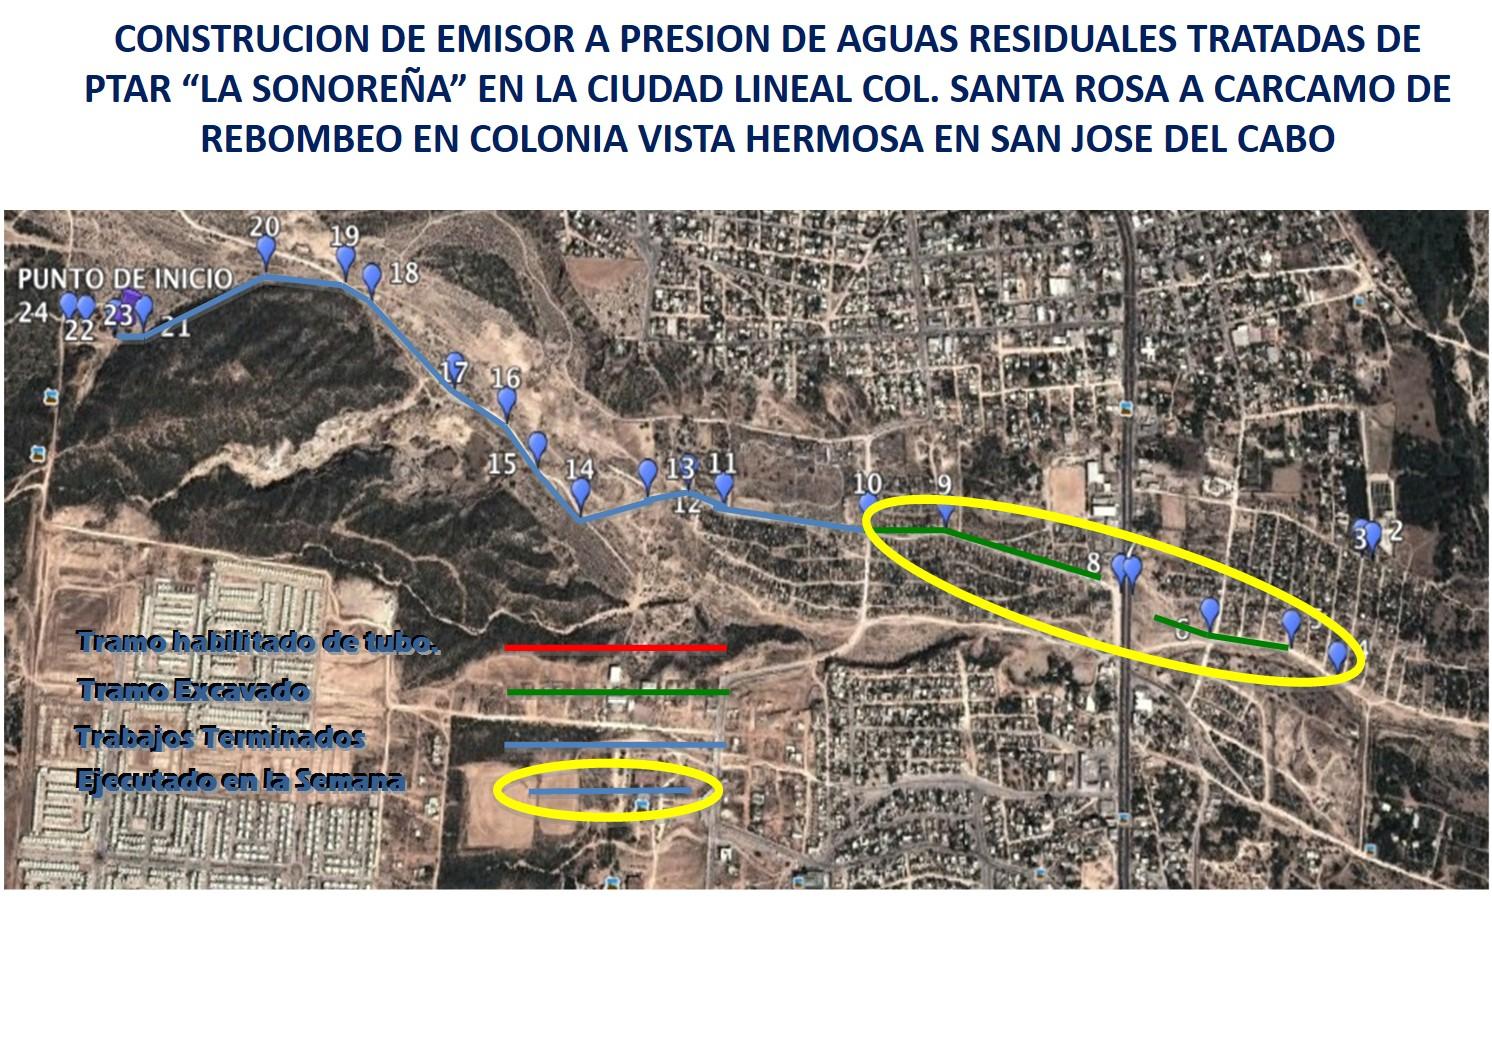 Construcción del emisor a presión de aguas residuales tratadas PTAR La Sonoreña